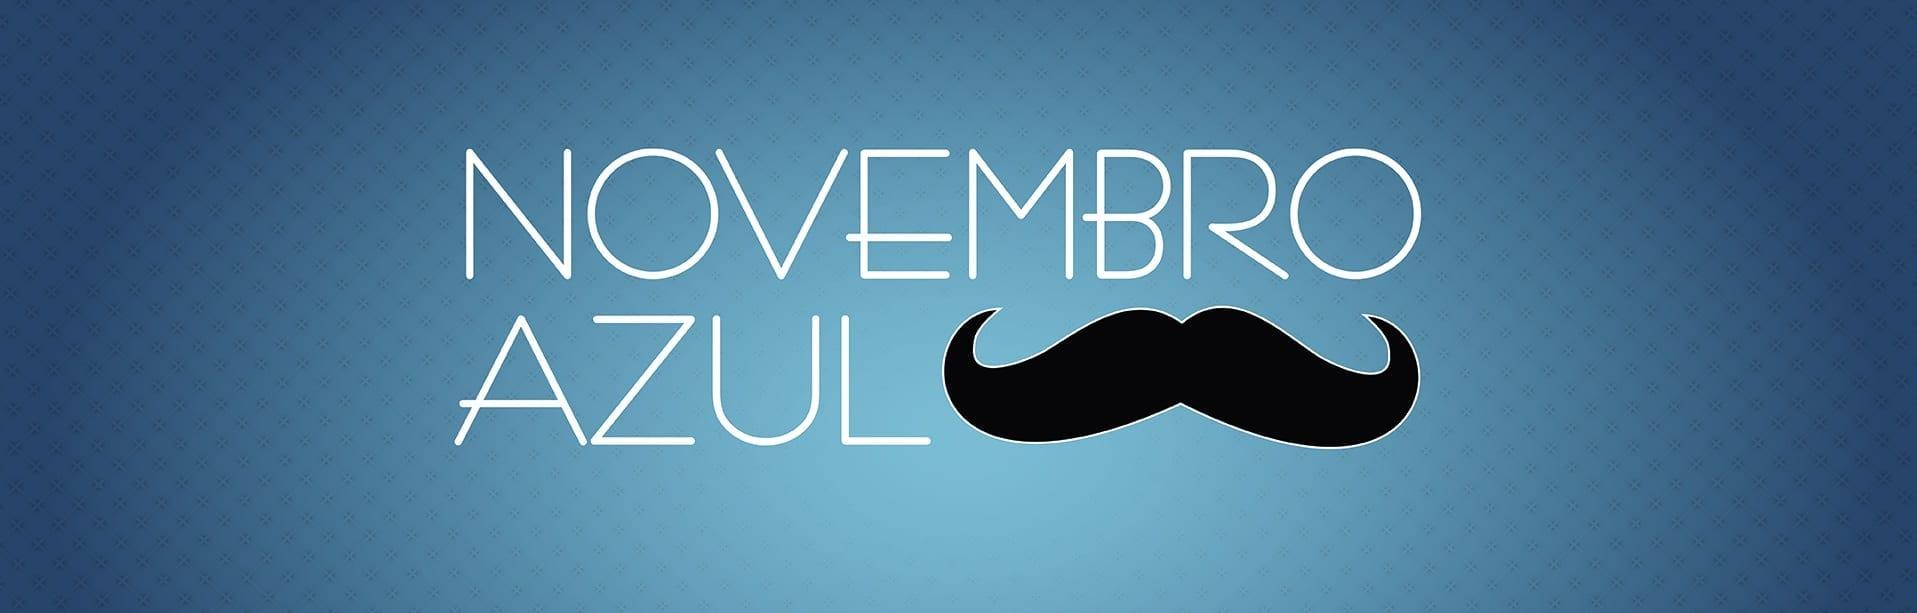 Unhas decoradas Mustache novembro